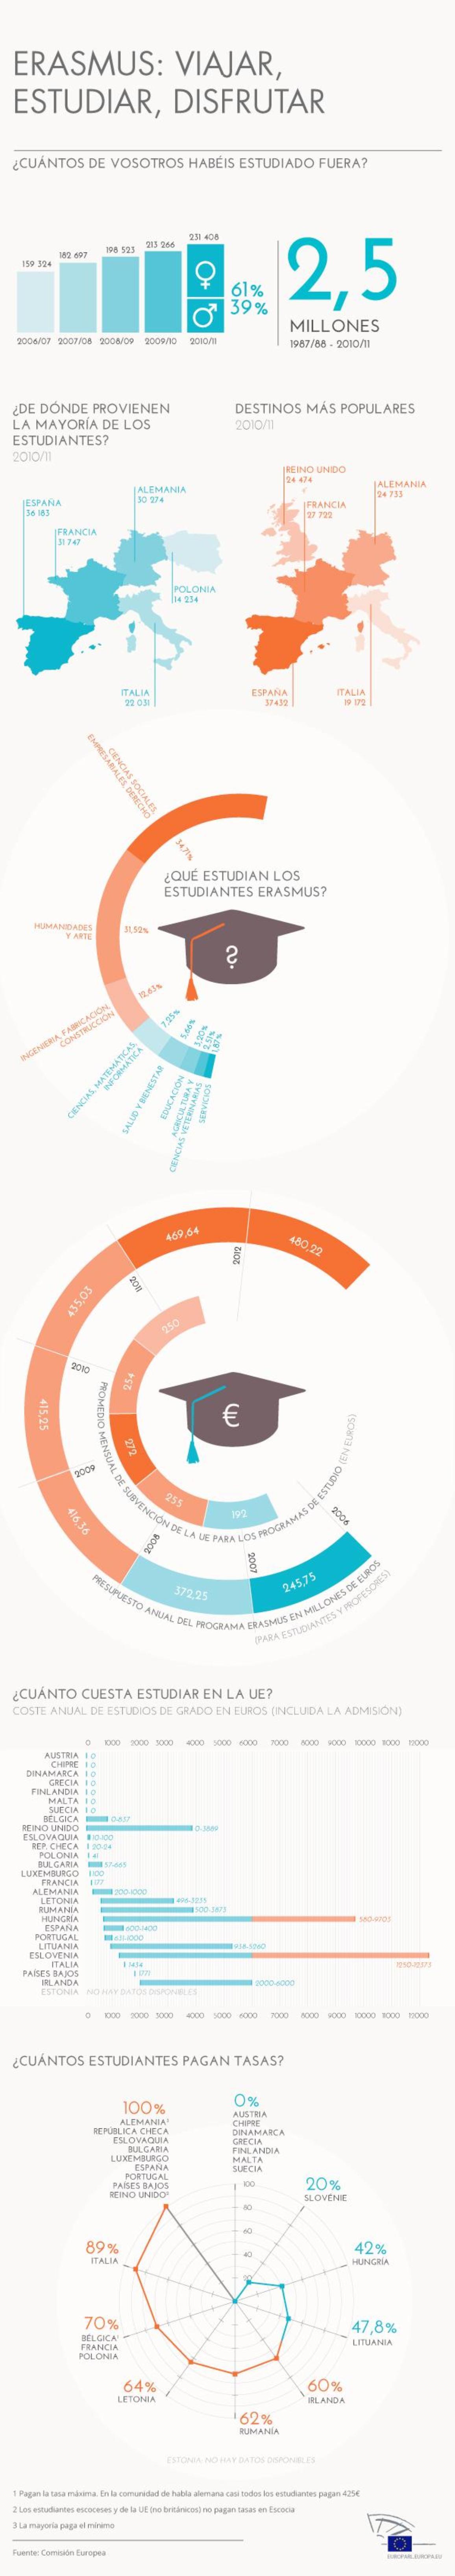 El programa de becas de la UE Erasmus superó sus dificultades de financiación